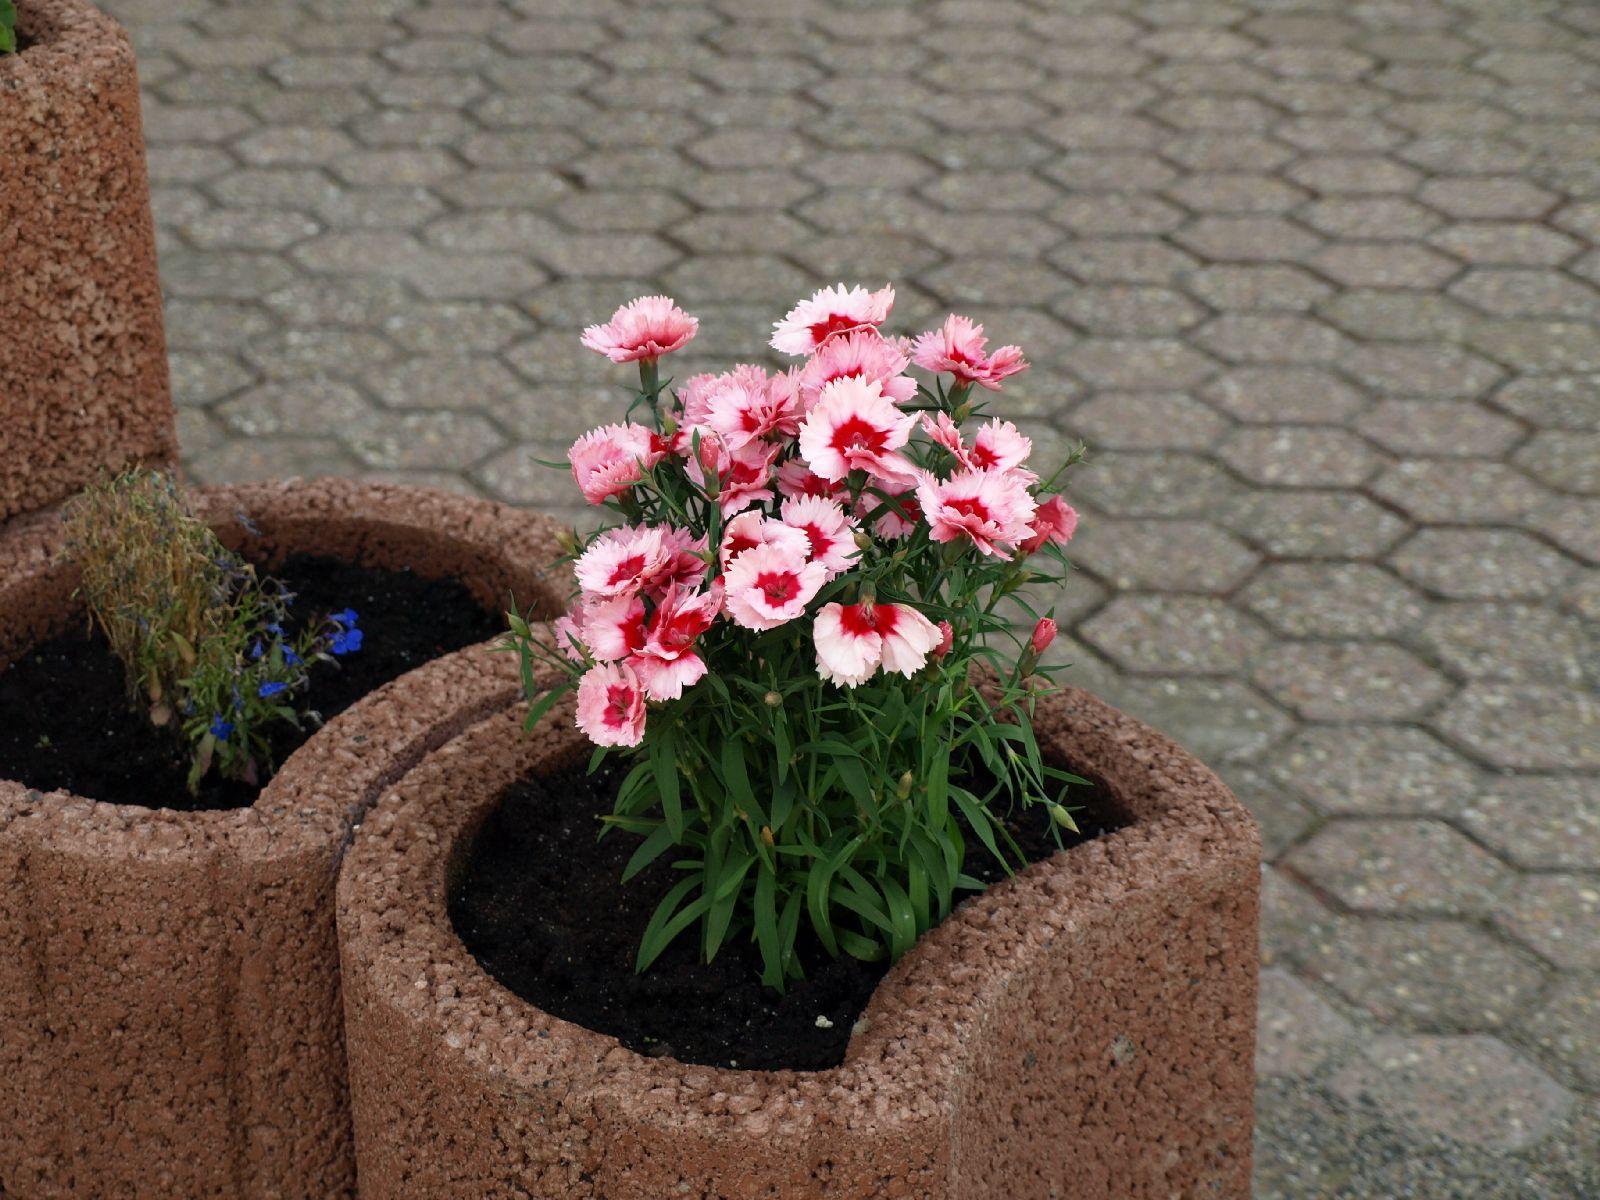 Pflanzen-Blumen-Foto_Textur_B_P6153465